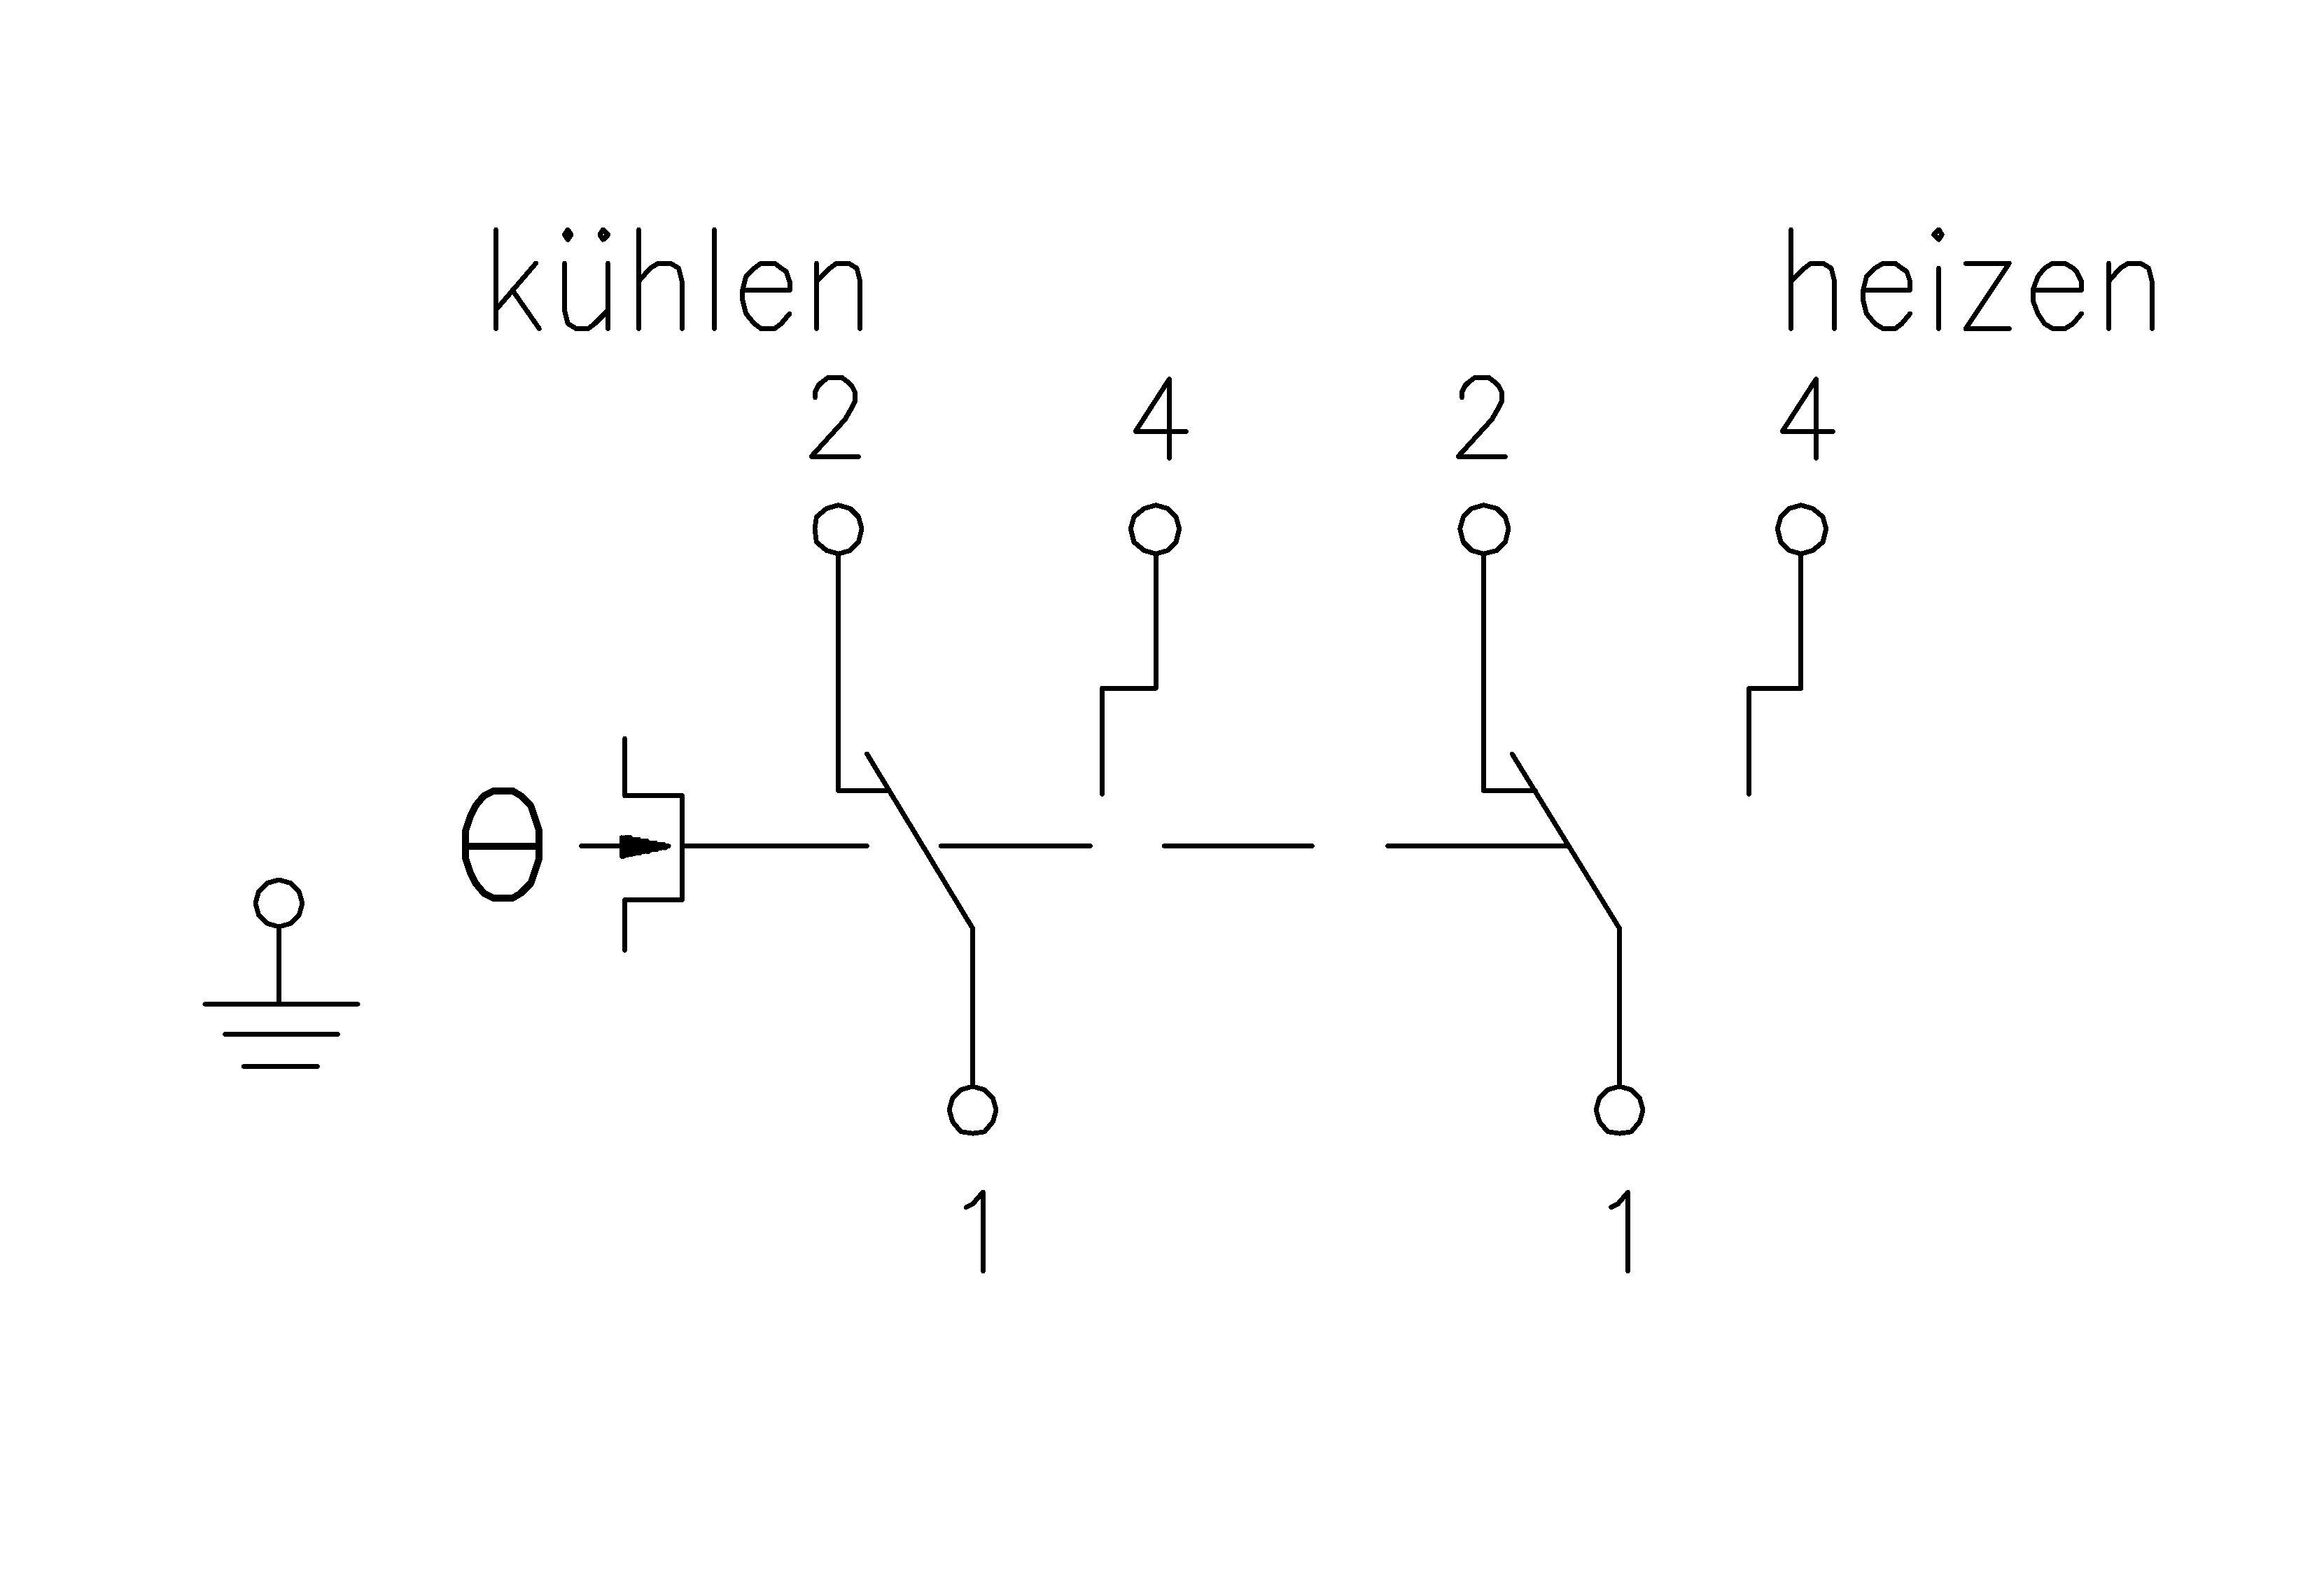 E6090330 Circuit diagram